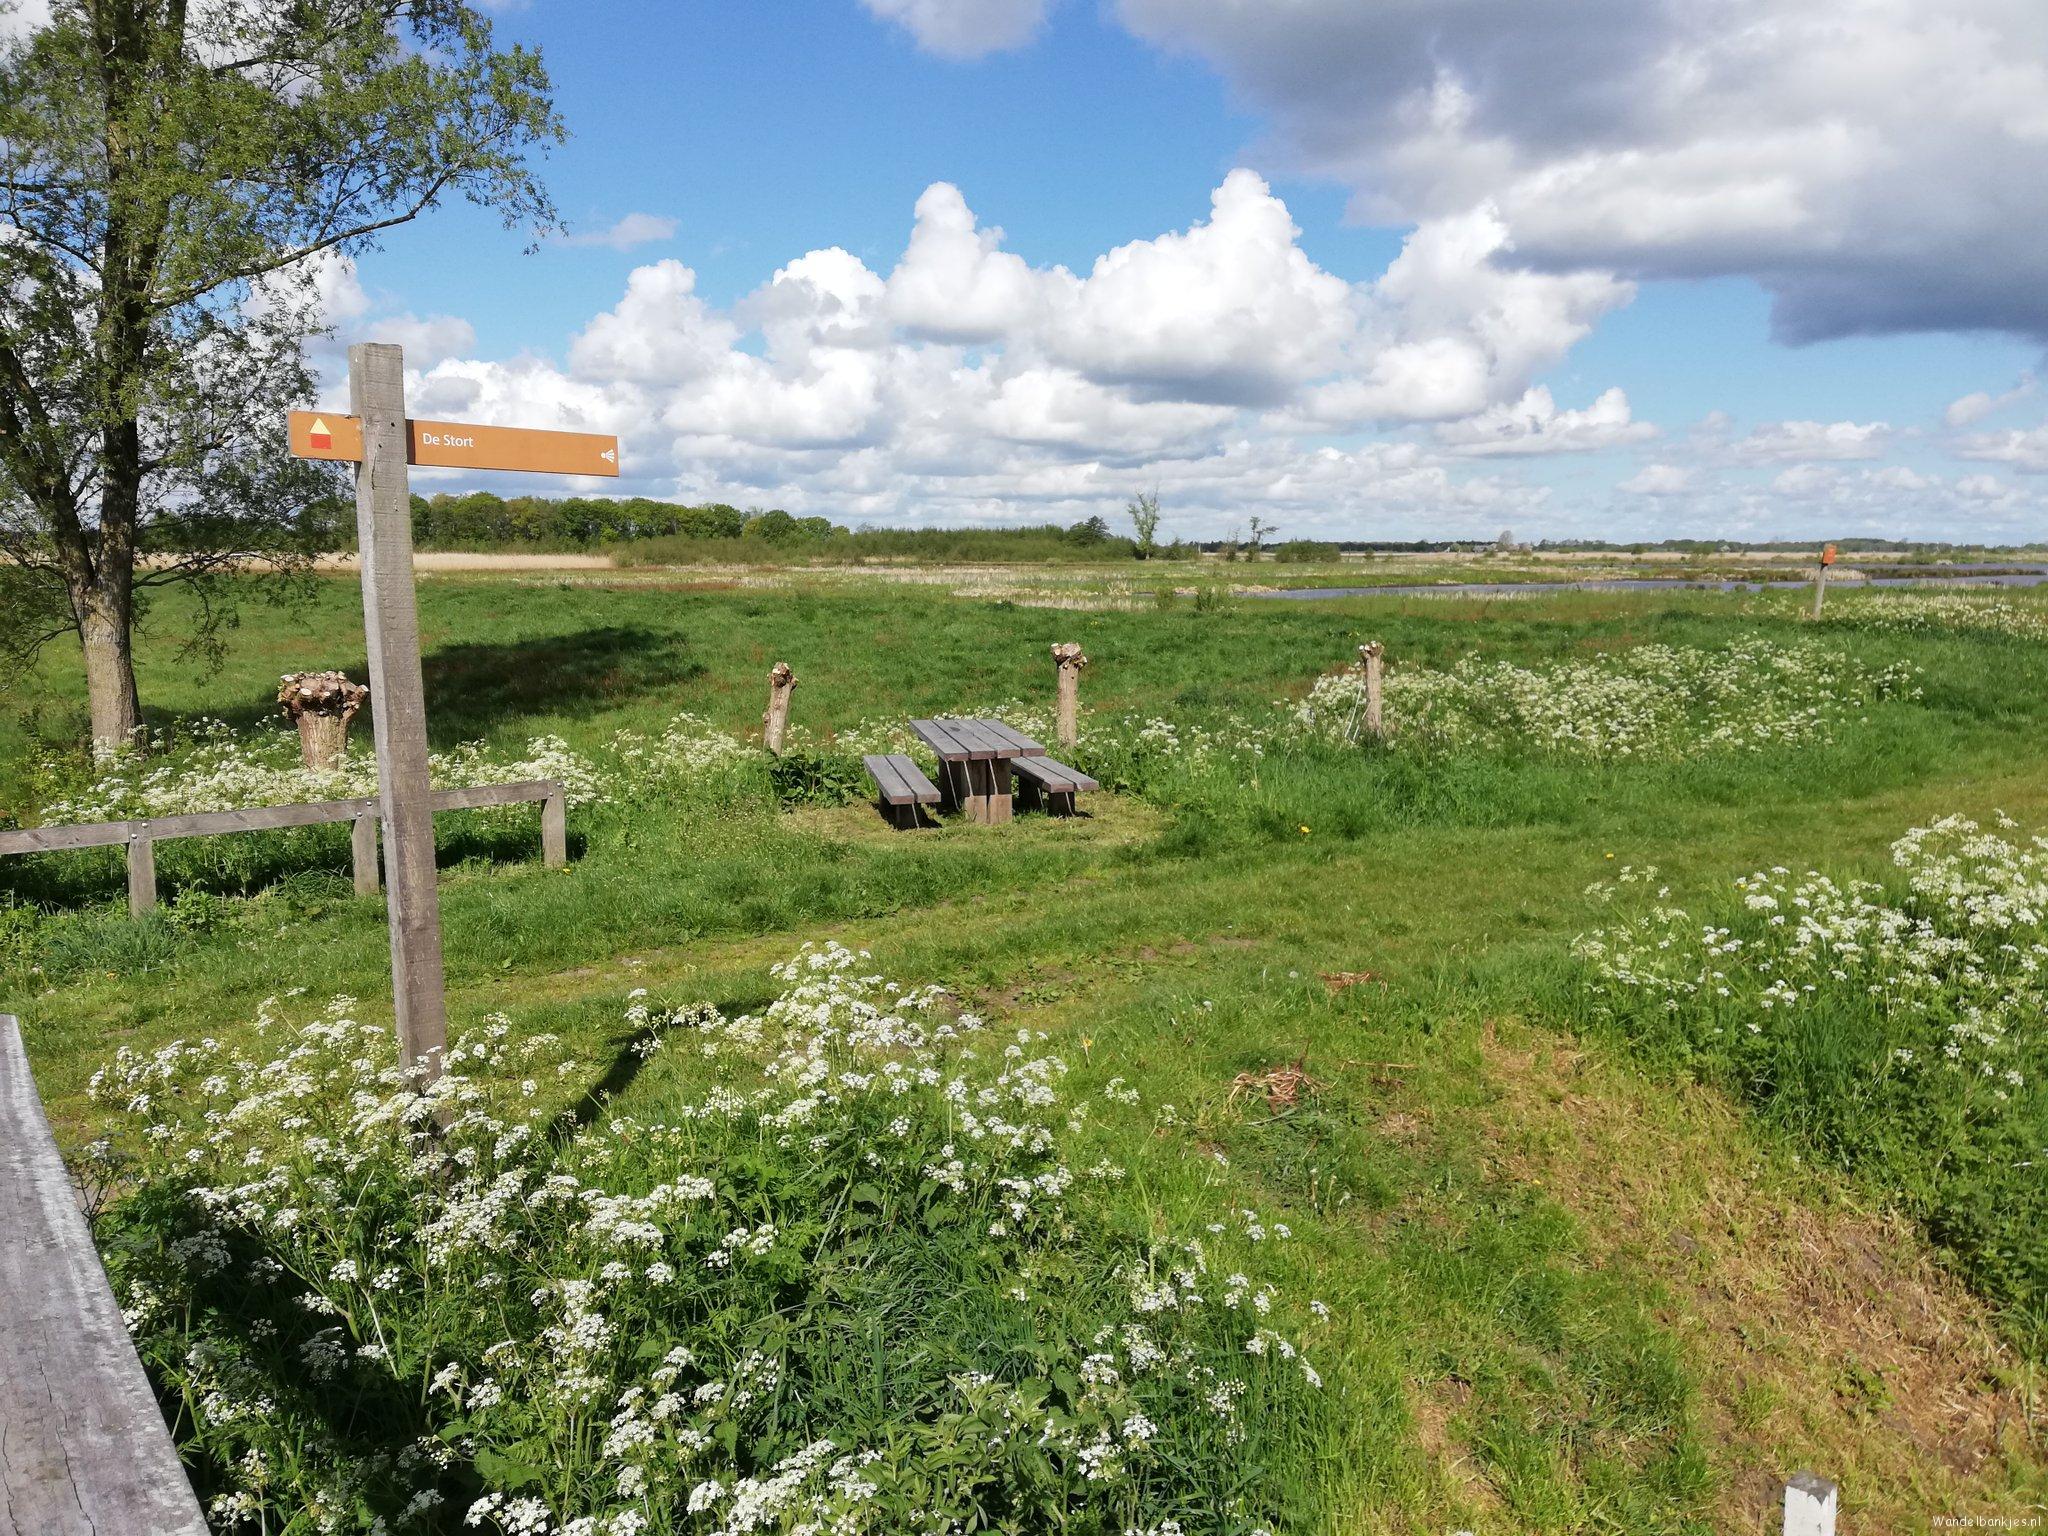 rt-walburgism-onlanden-nabij-rodergemaaldrenthepad-wandelbankjes-wandel_nl-wandelnet-wandelzoek-rodergemaal-https-t-co-2eha5o3s1s